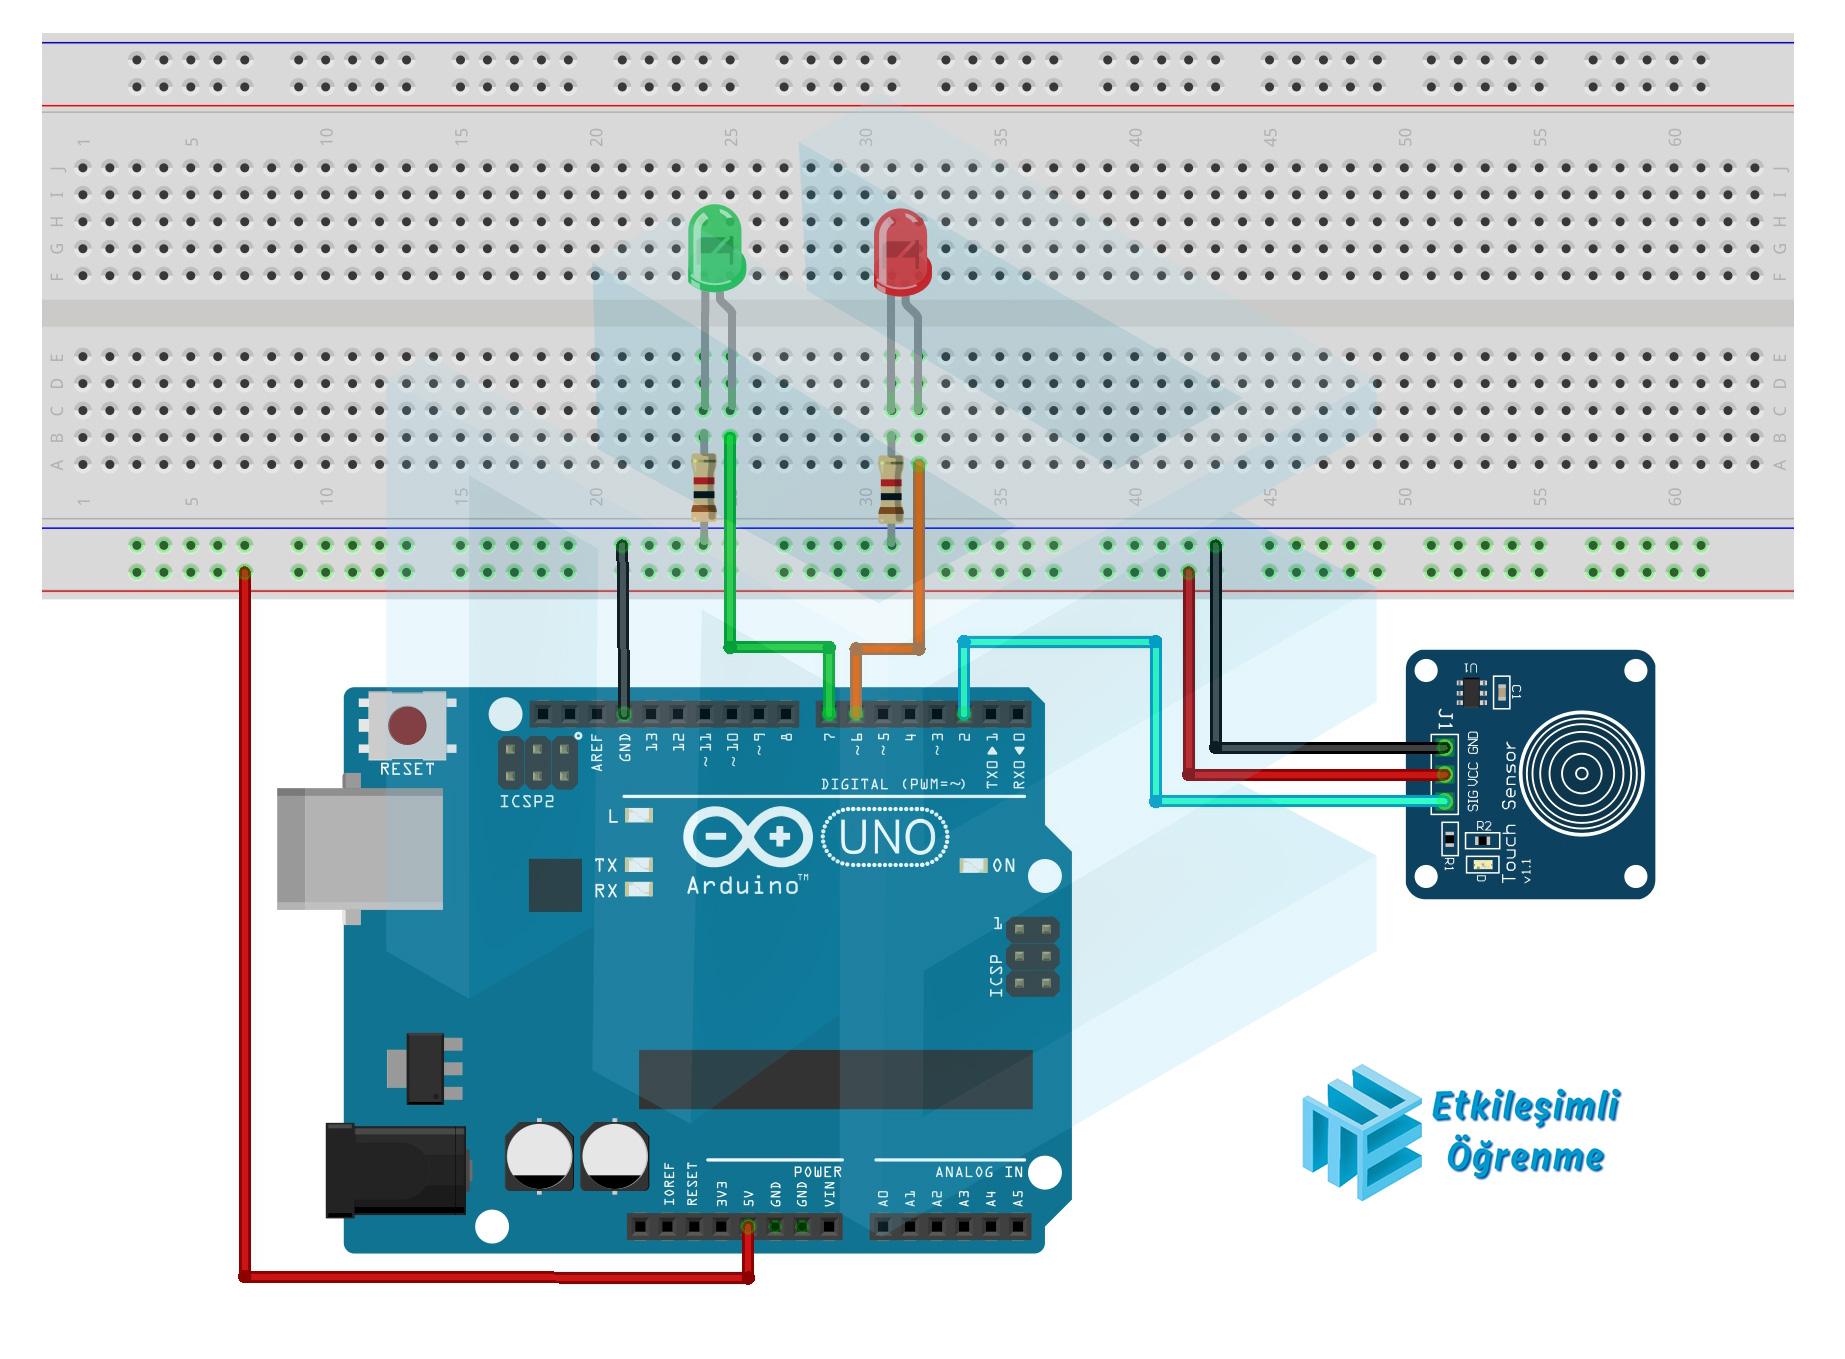 Dokunmatik Sensör Kullanımı